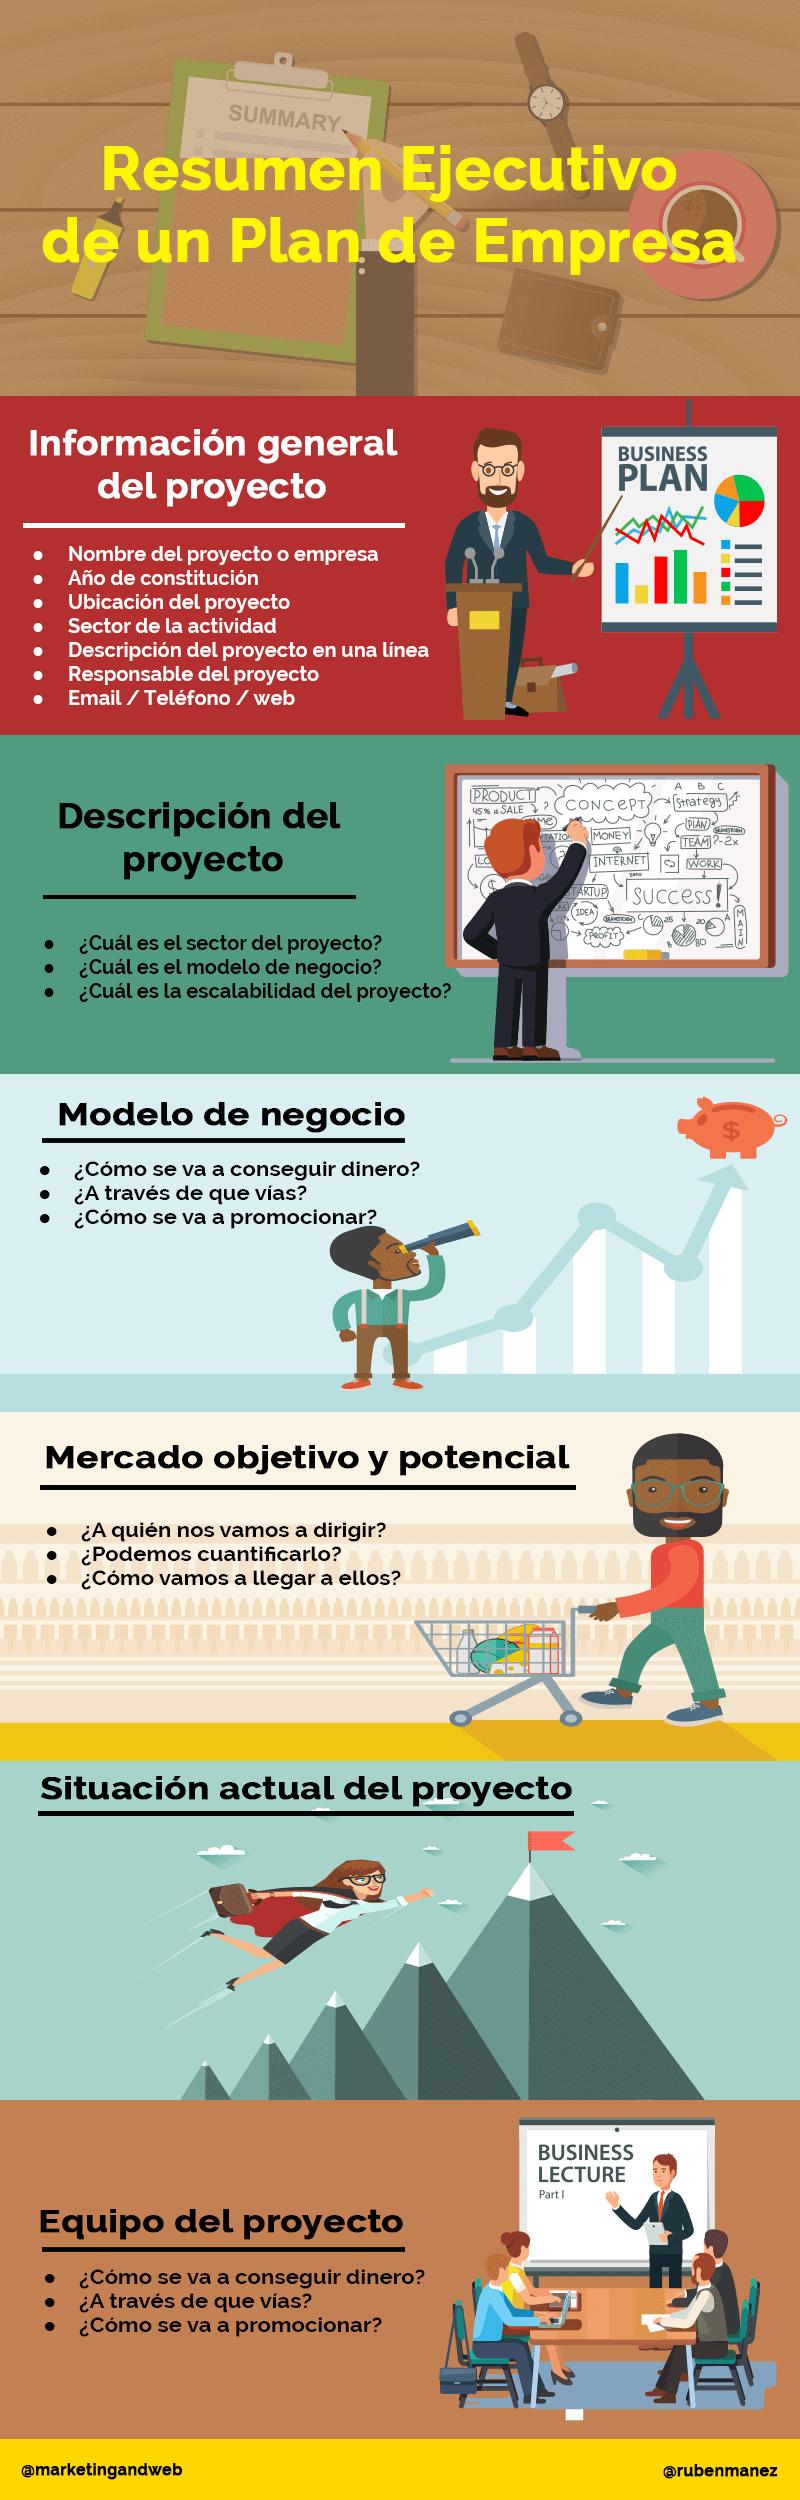 Resumen ejecutivo de un Plan de Empresa